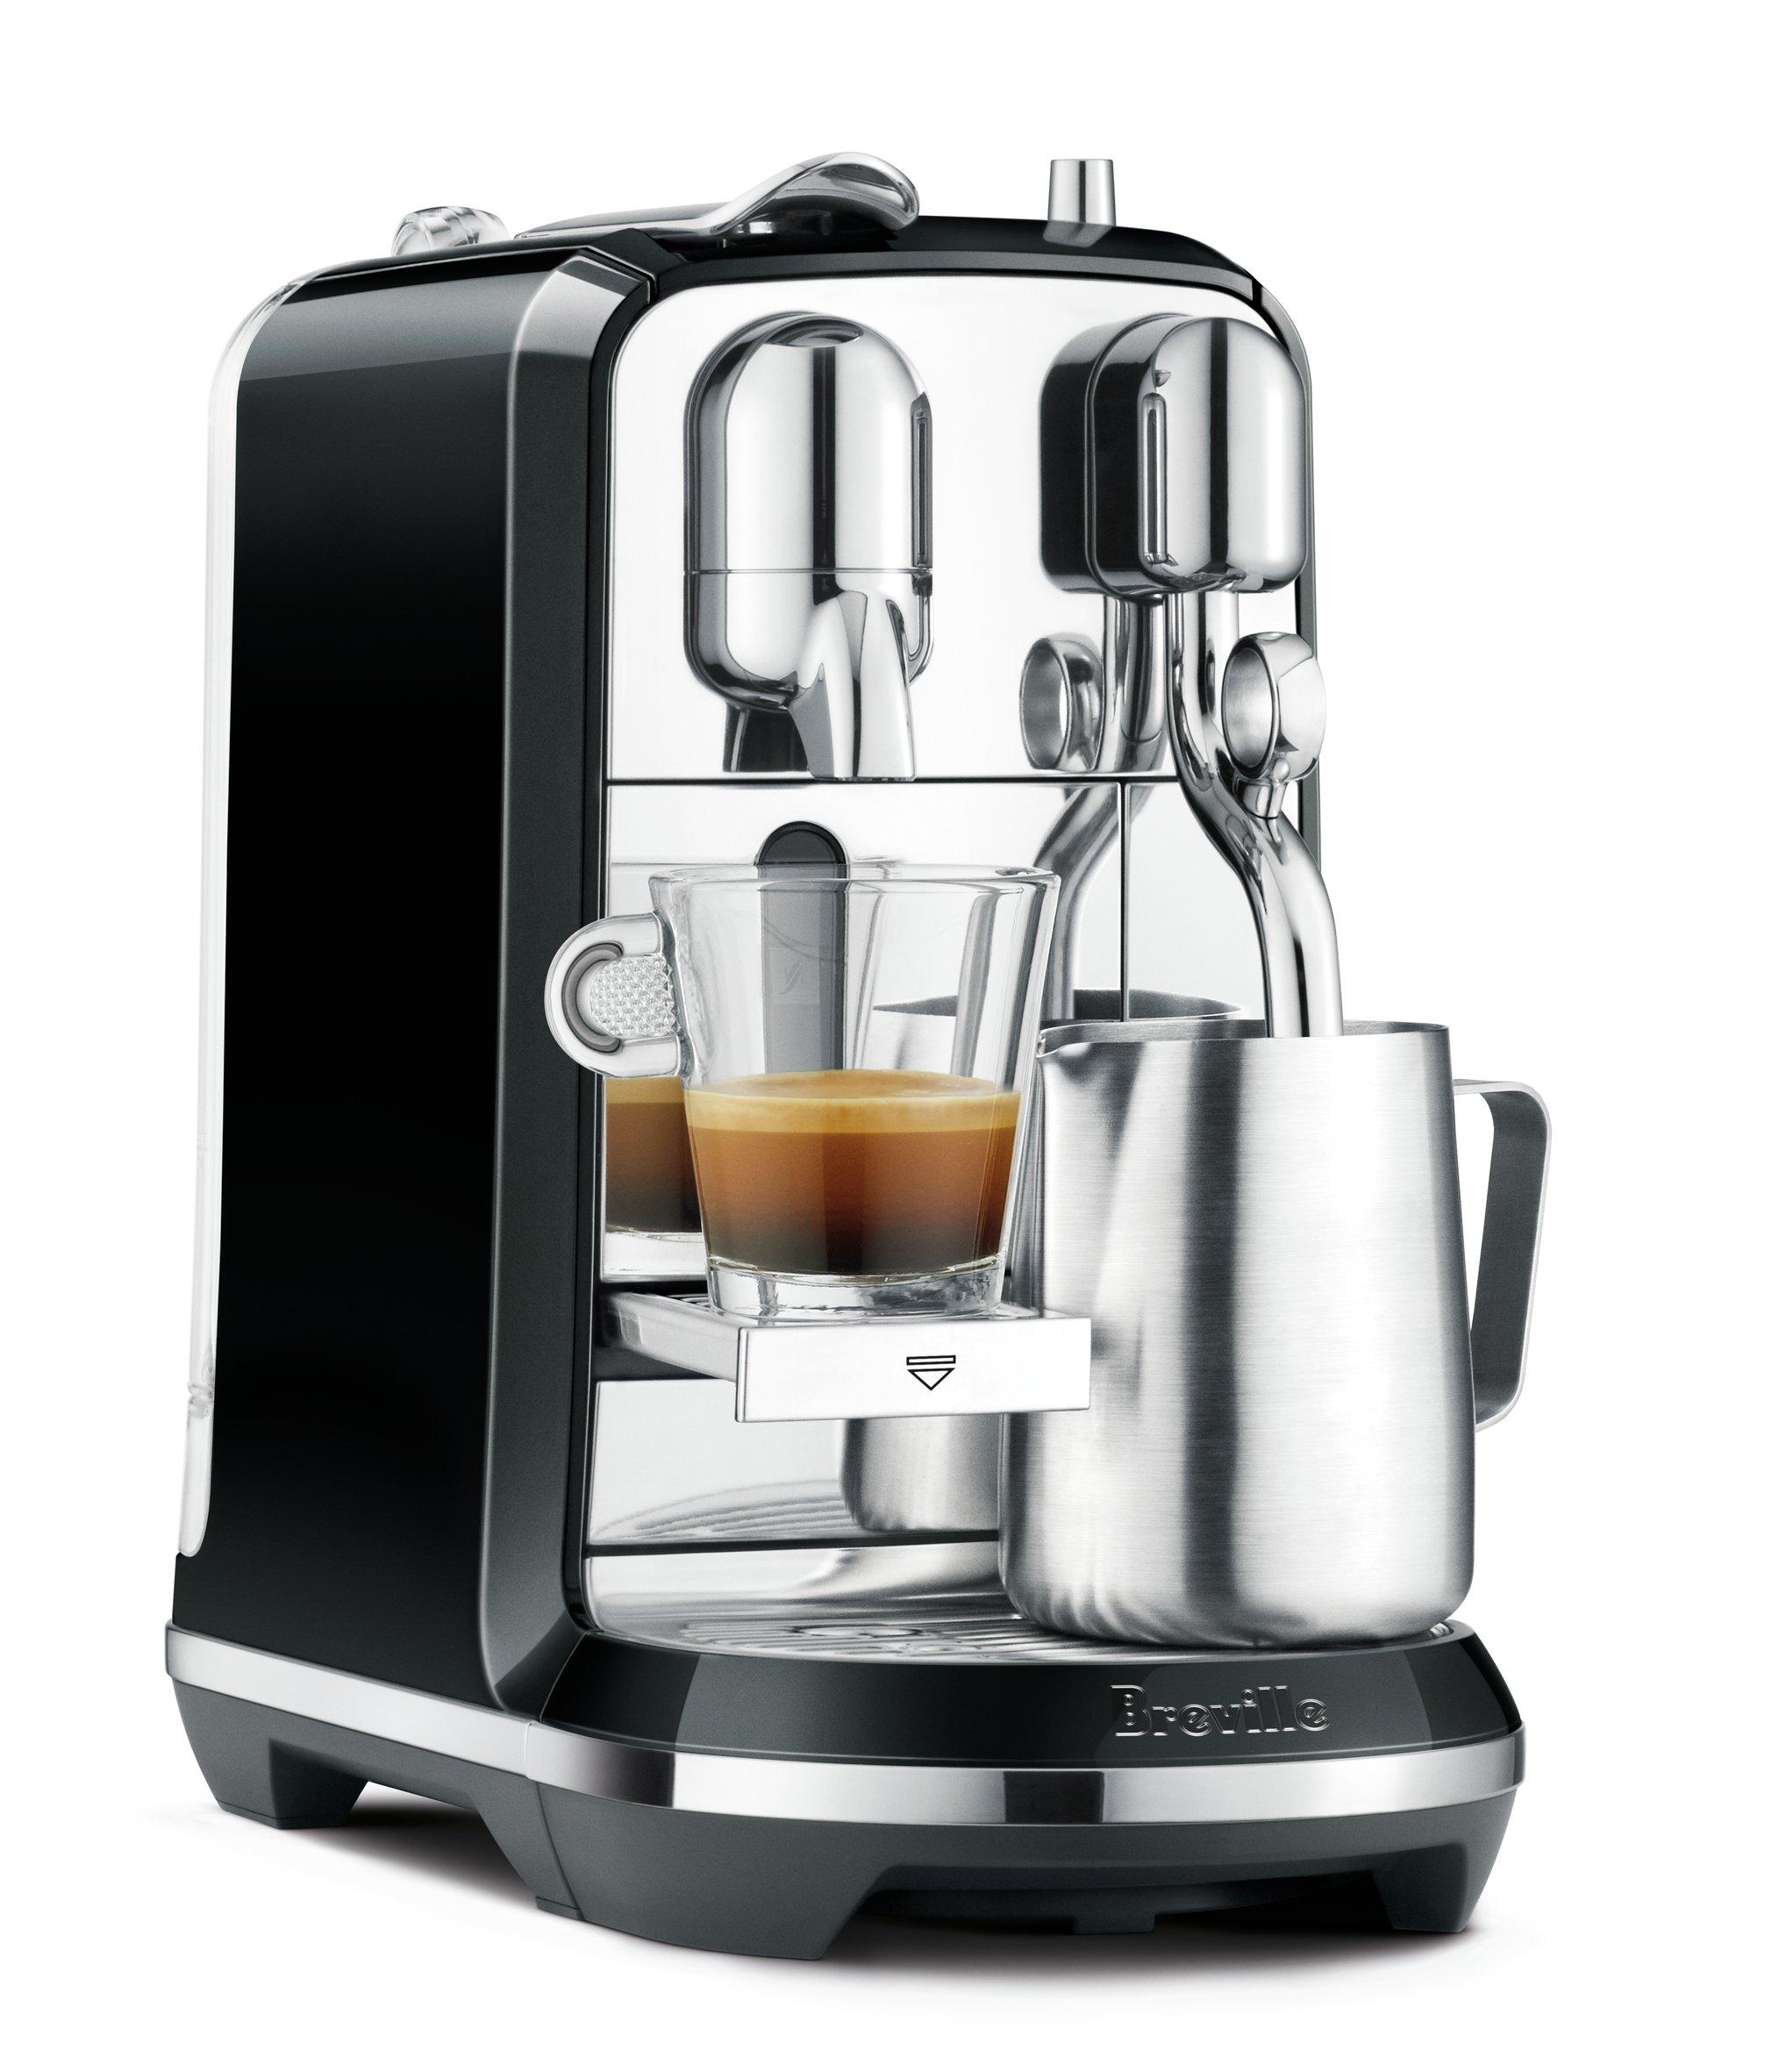 Breville Nespresso Creatista Single Serve Espresso Machine with Milk Auto Steam Wand, Black by Breville